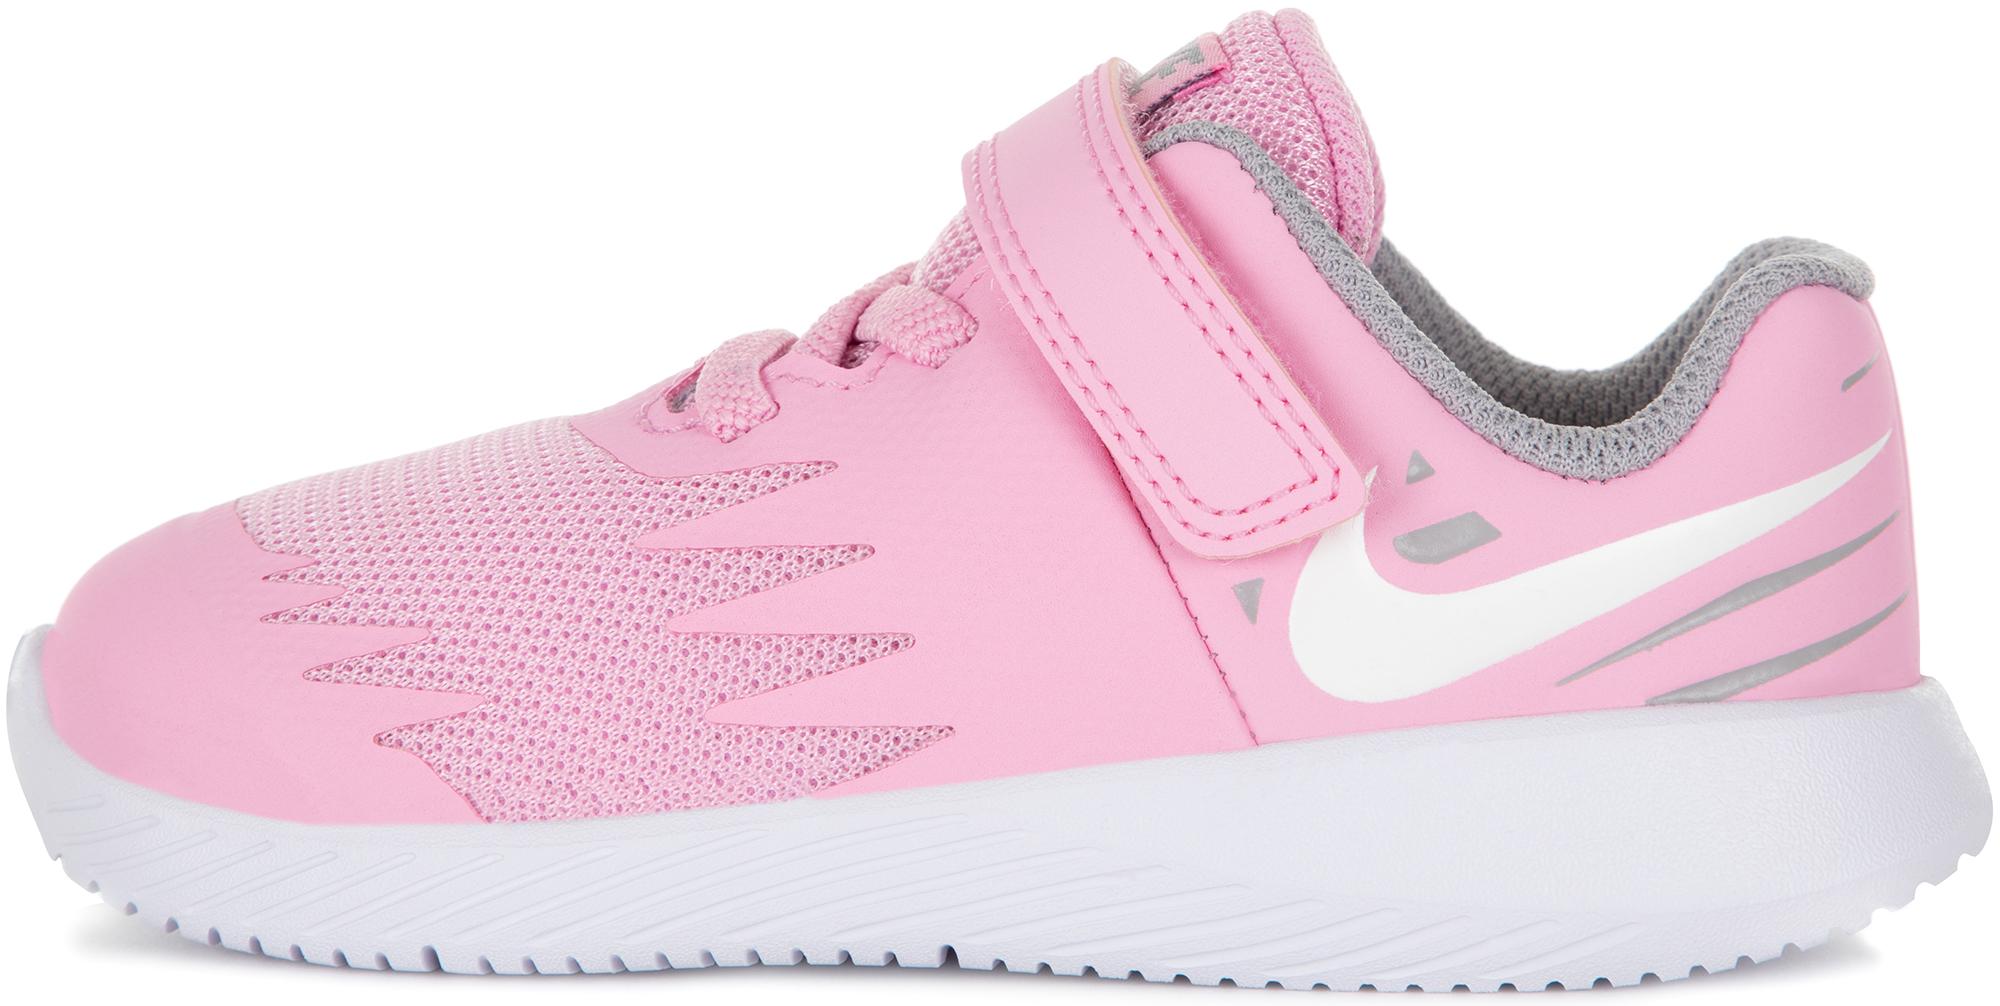 купить Nike Кроссовки для девочек Nike Star Runner, размер 26 по цене 2199 рублей